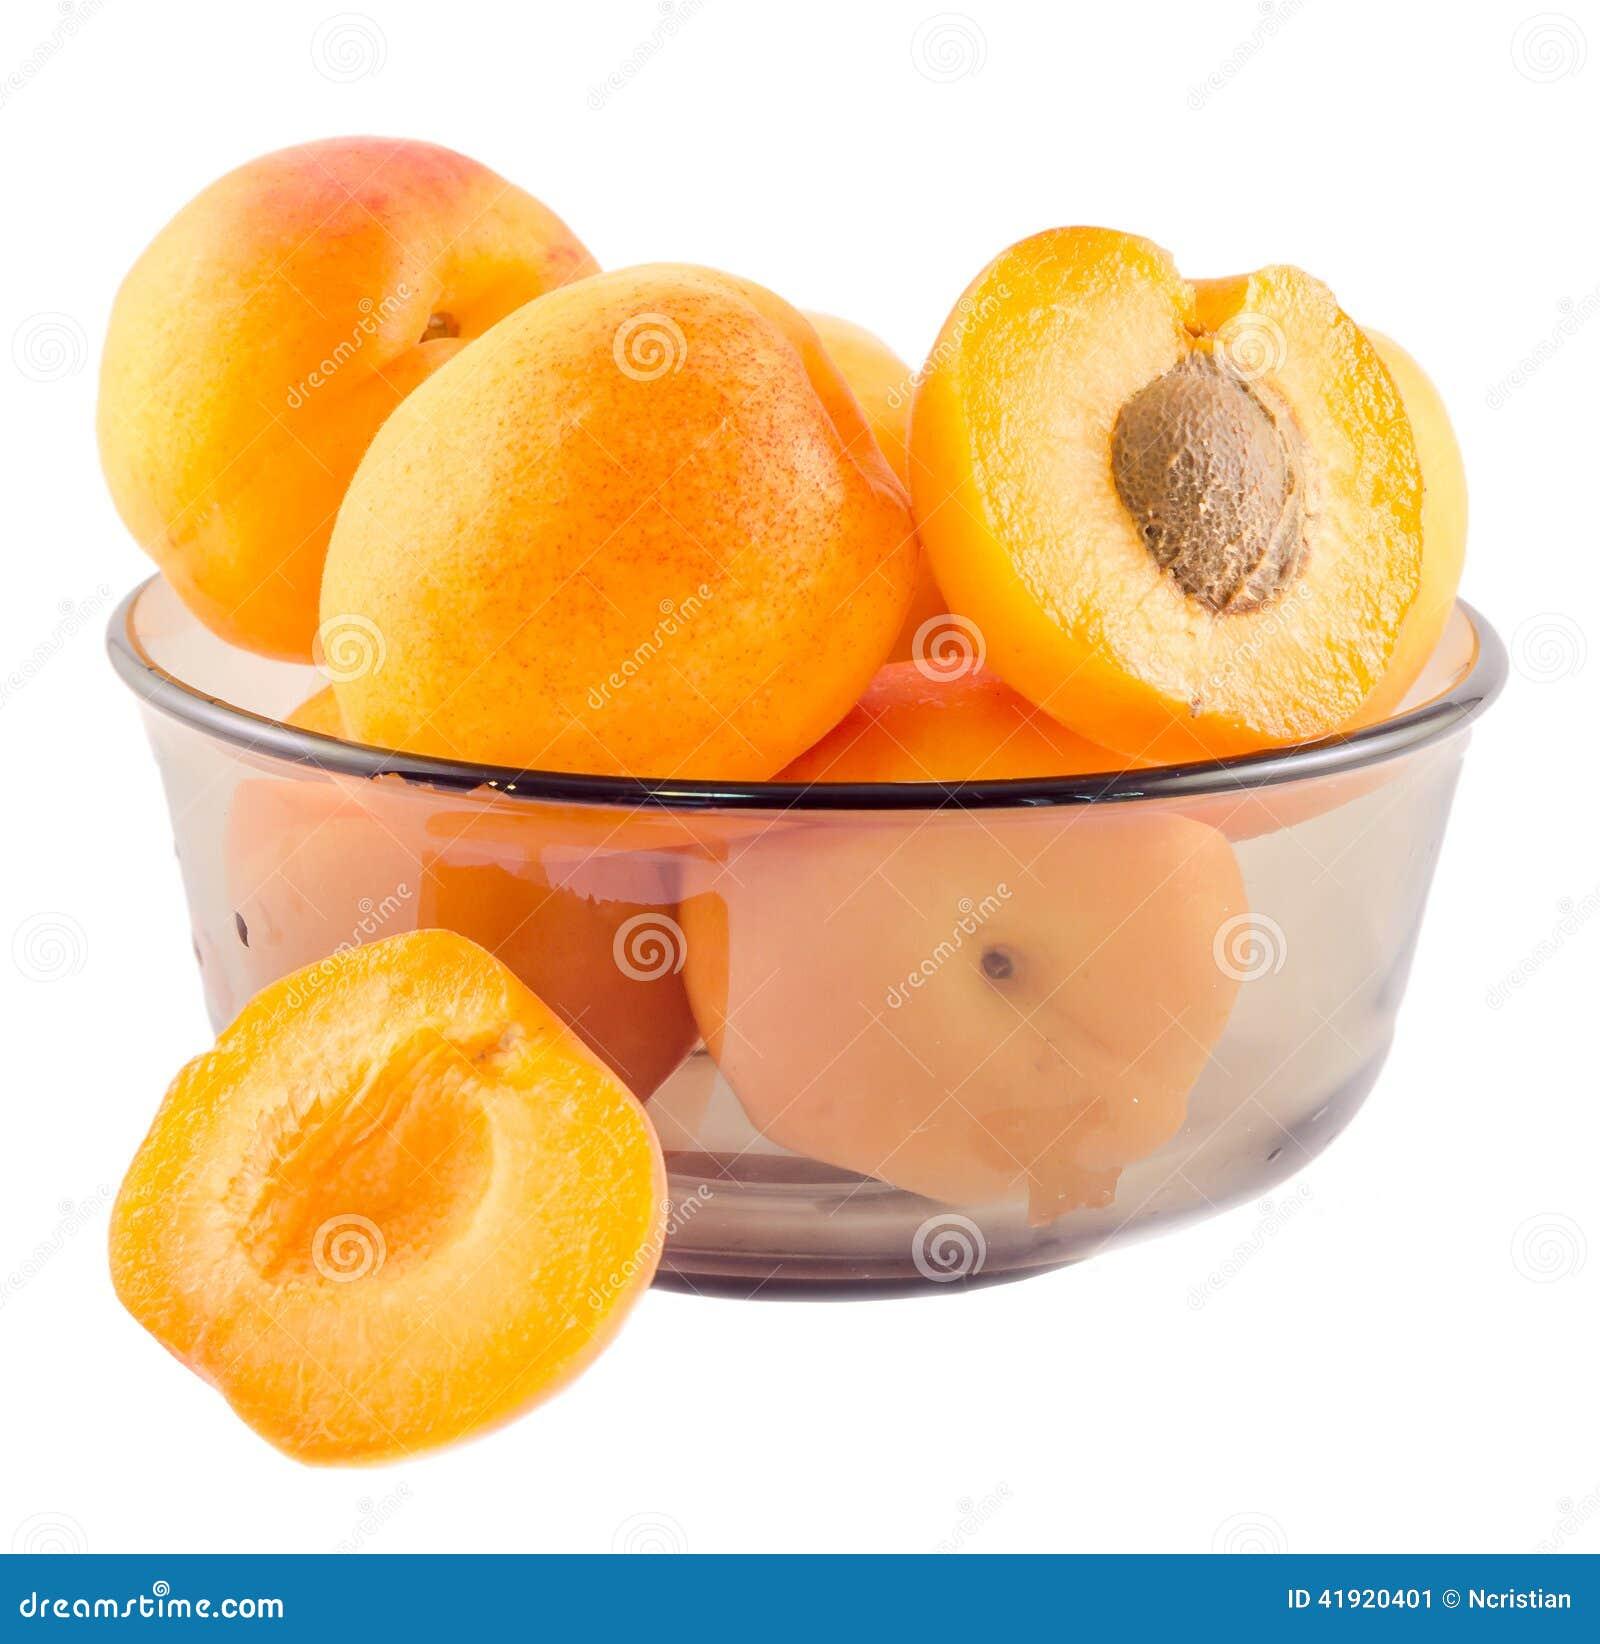 Albaricoques amarillo-naranja, medio albaricoque con la pipa, en un cuenco transparente marrón